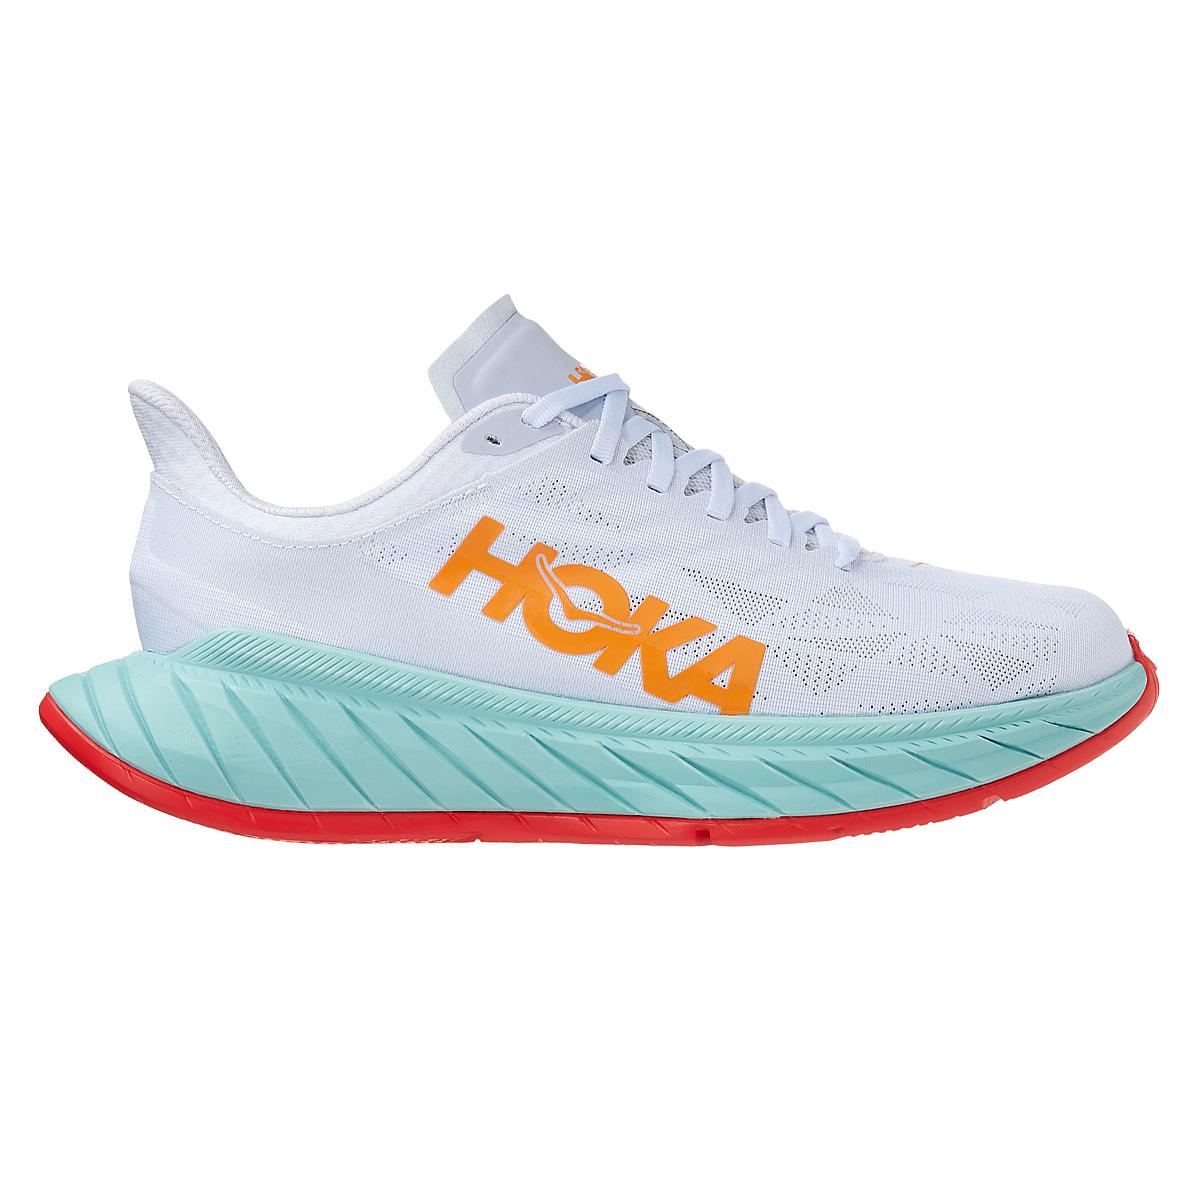 Men's Hoka One One Carbon X 2 Running Shoe - Color: White/Blazing Orange - Size: 7 - Width: Regular, White/Blazing Orange, large, image 1